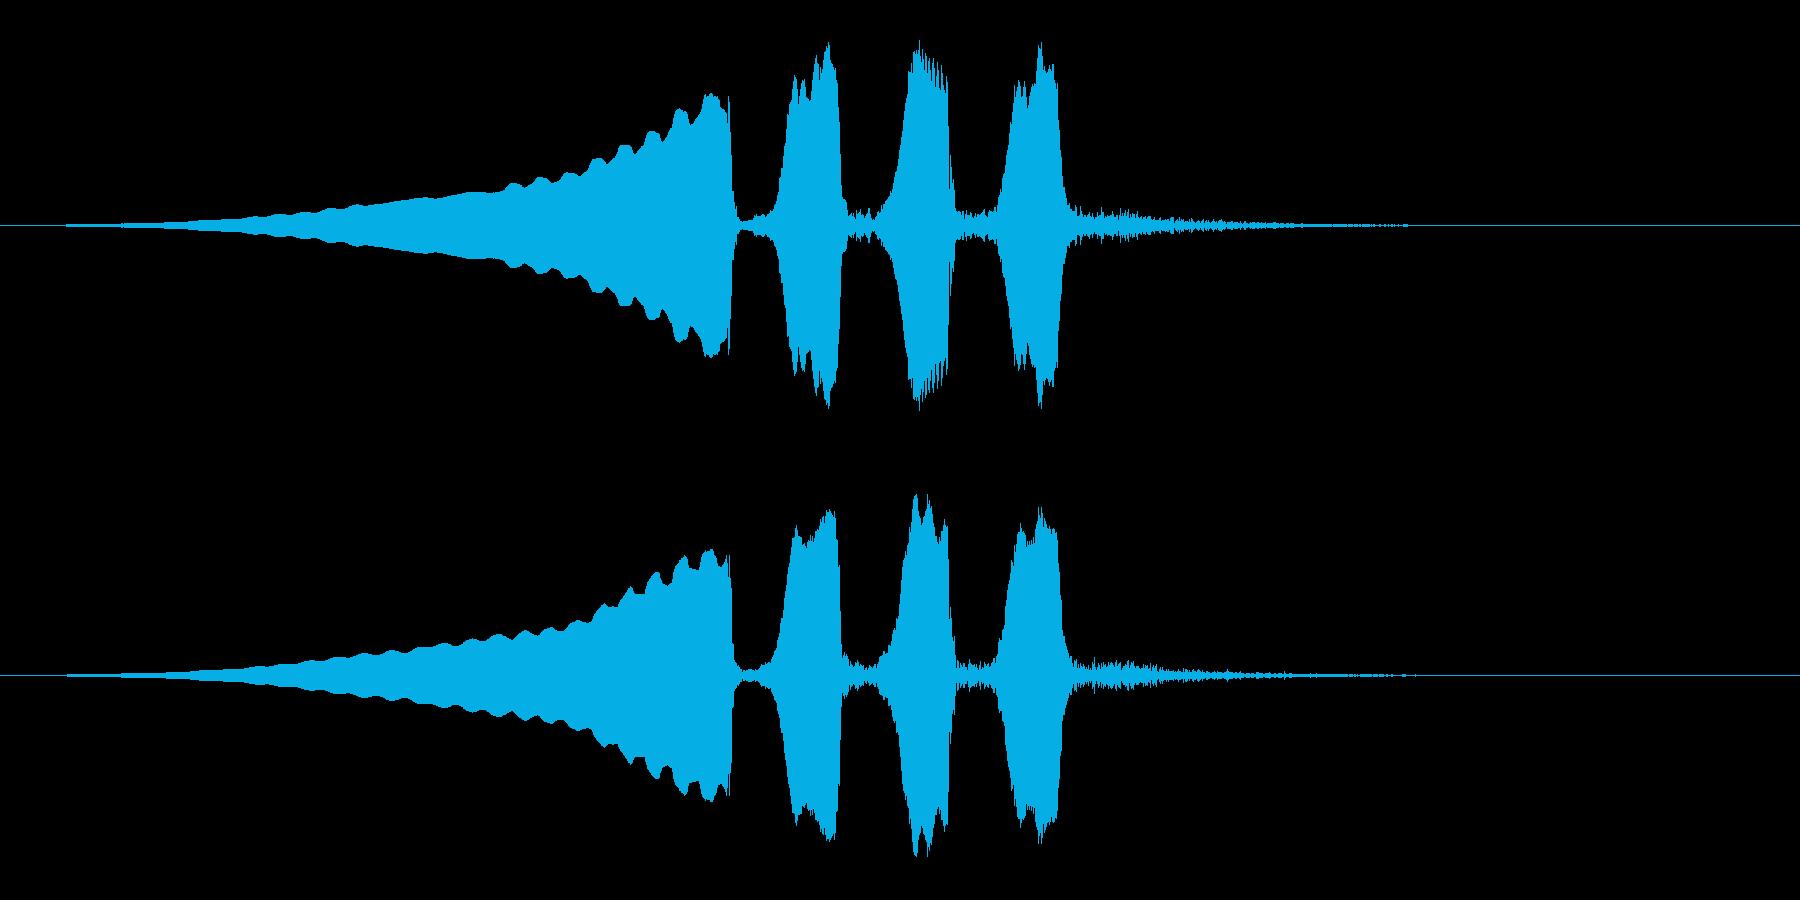 うぐいすの鳴き声 1B ほーほけきょの再生済みの波形